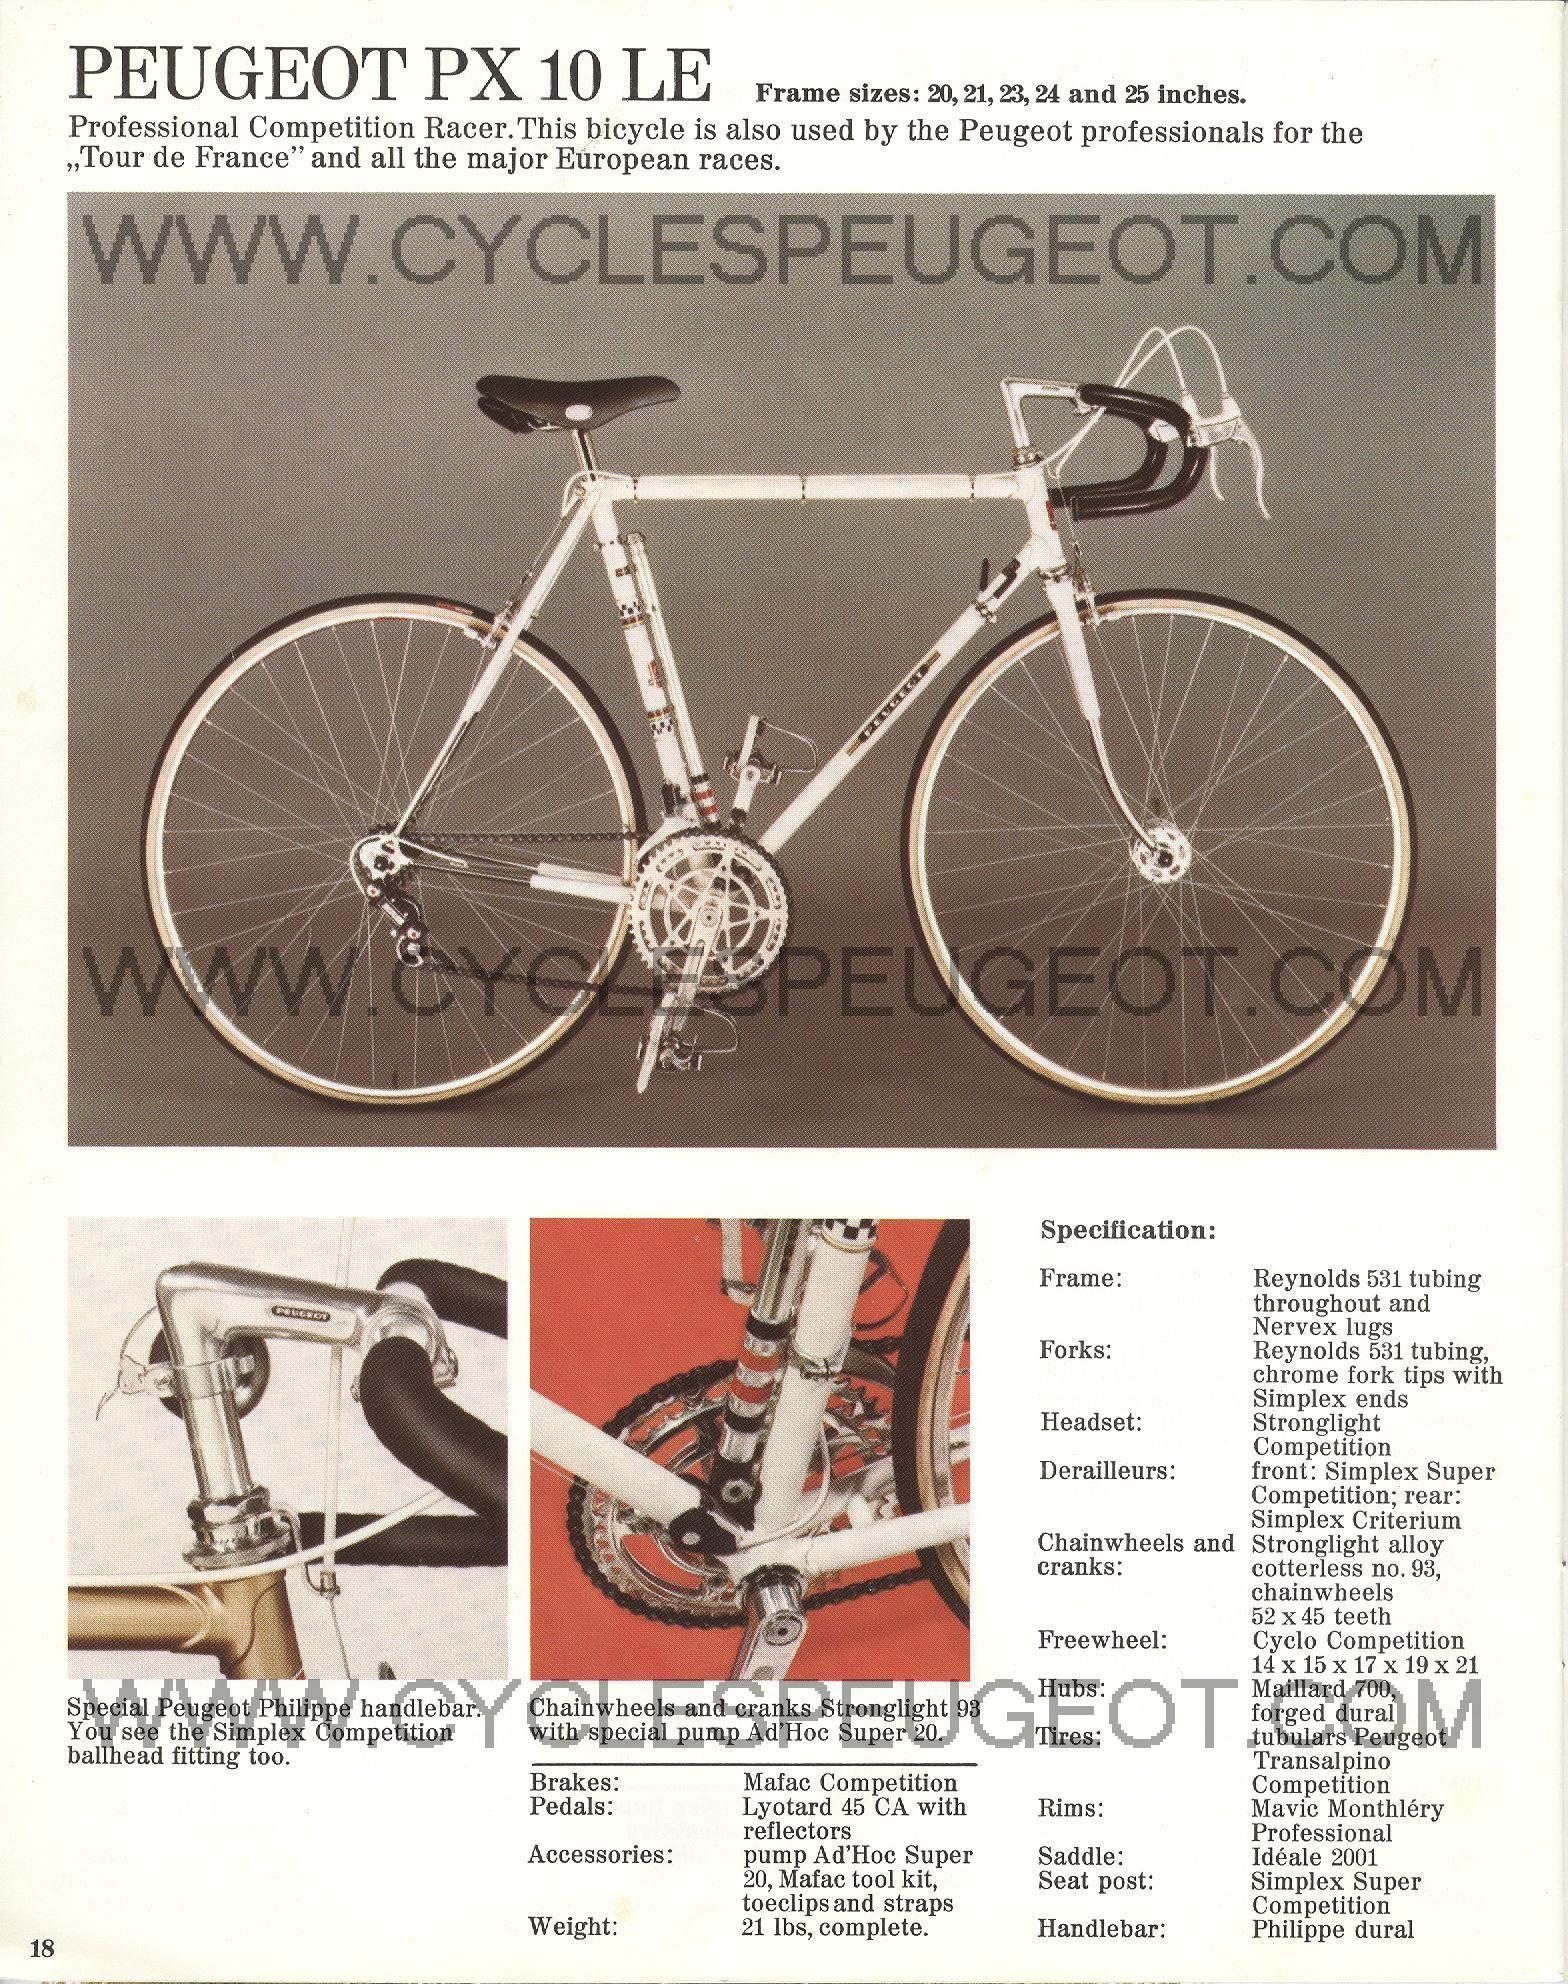 Peugeot Px 10 Le Classic Road Bike Peugeot Peugeot Bike